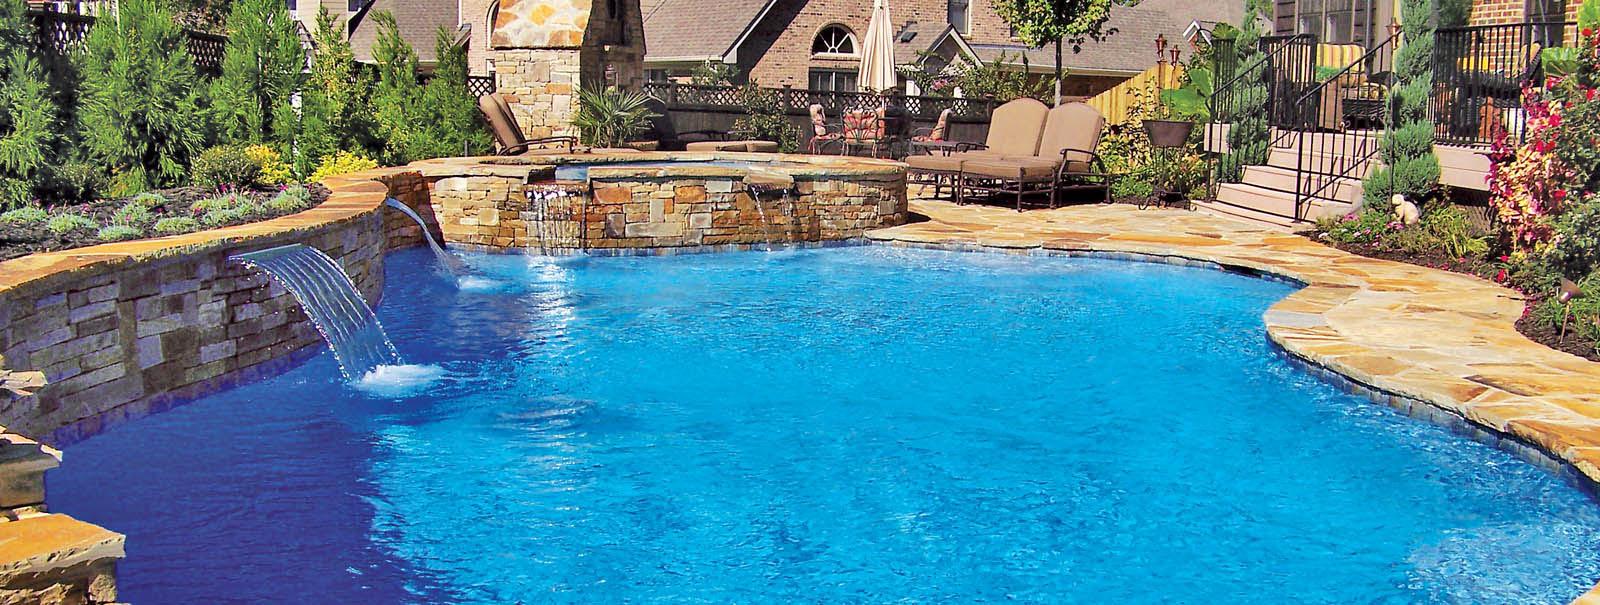 Atlanta-pool-photos